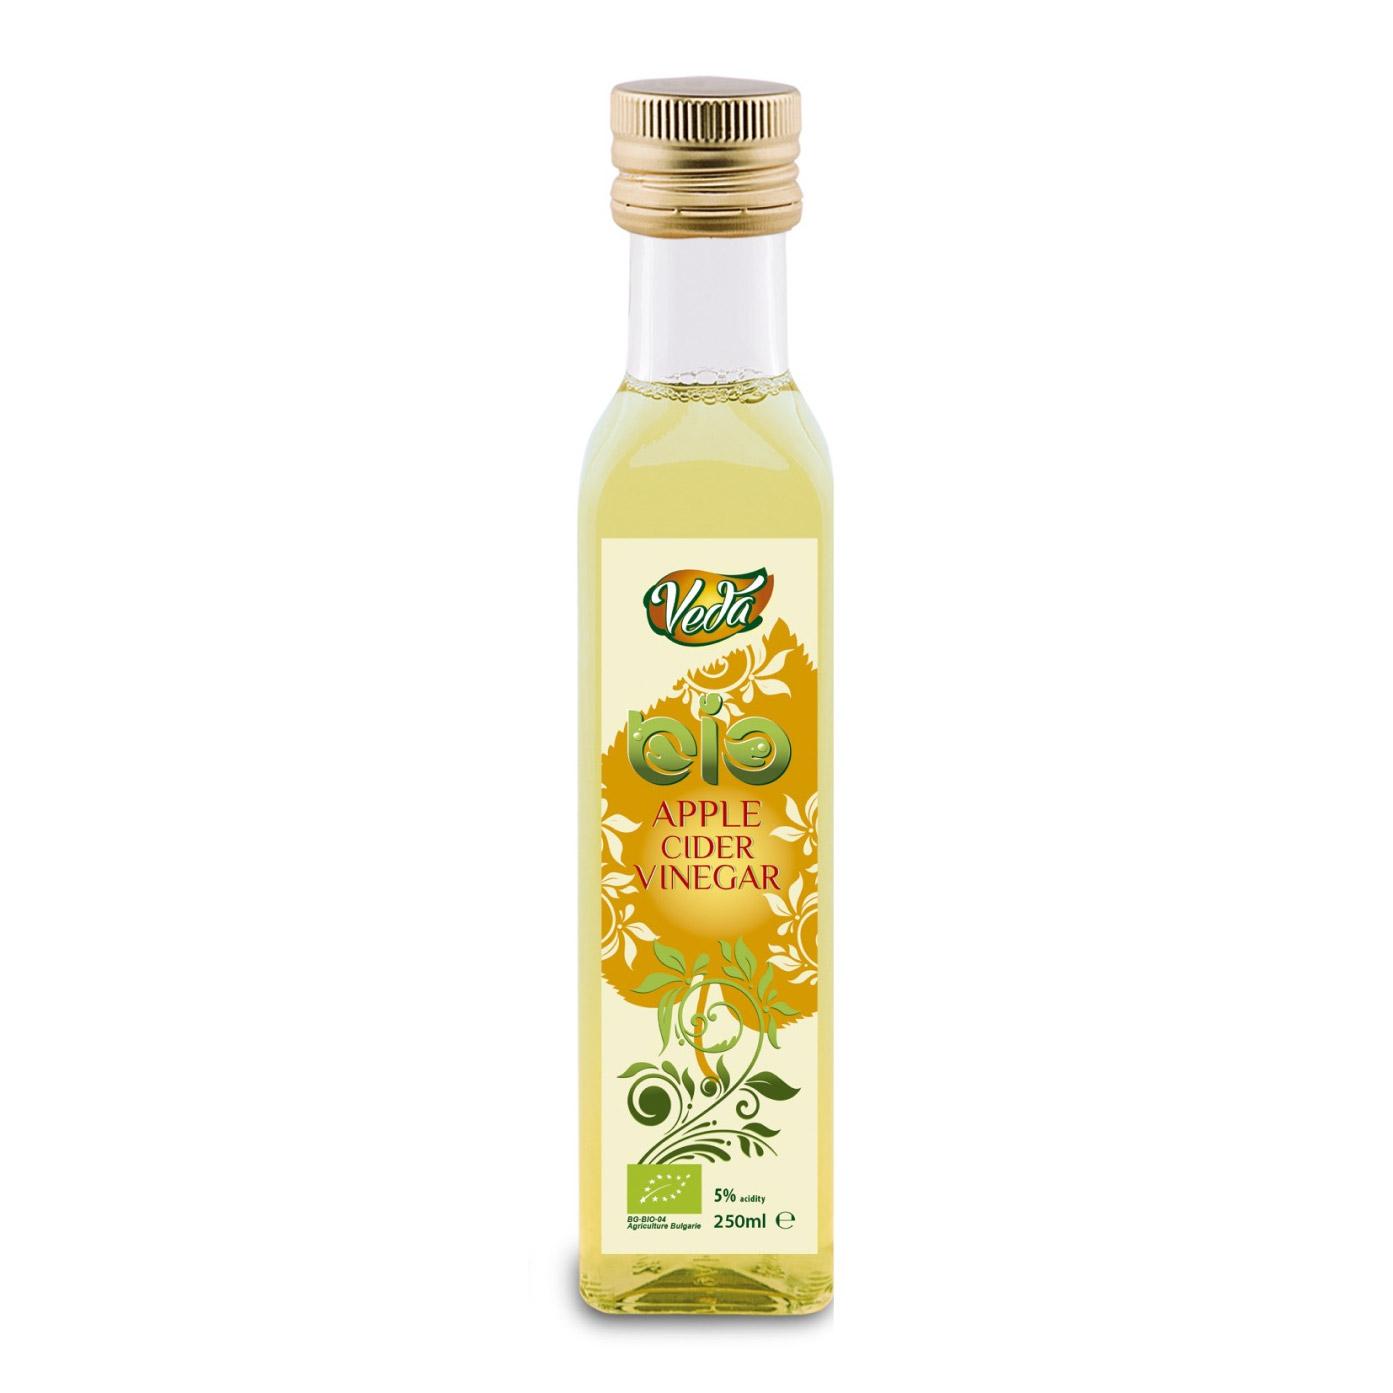 Фото - Уксус яблочный Veda органический 5%, 250 мл яблочный уксус 5% 500 мл mautner markhof